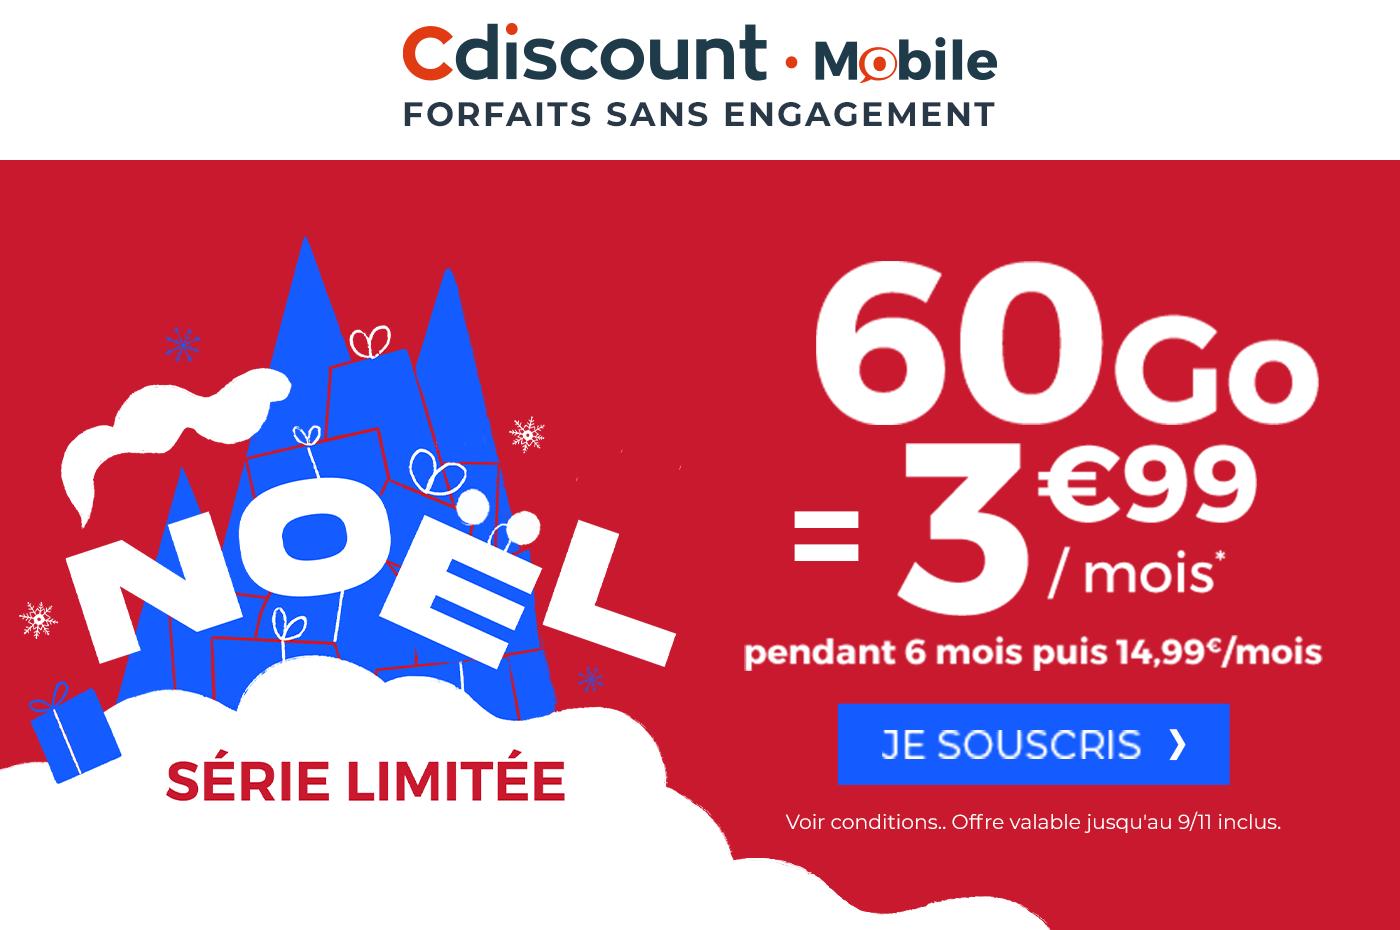 Forfait mobile : Cdiscount Mobile frappe un grand coup avec 60 Go à 3,99 euros